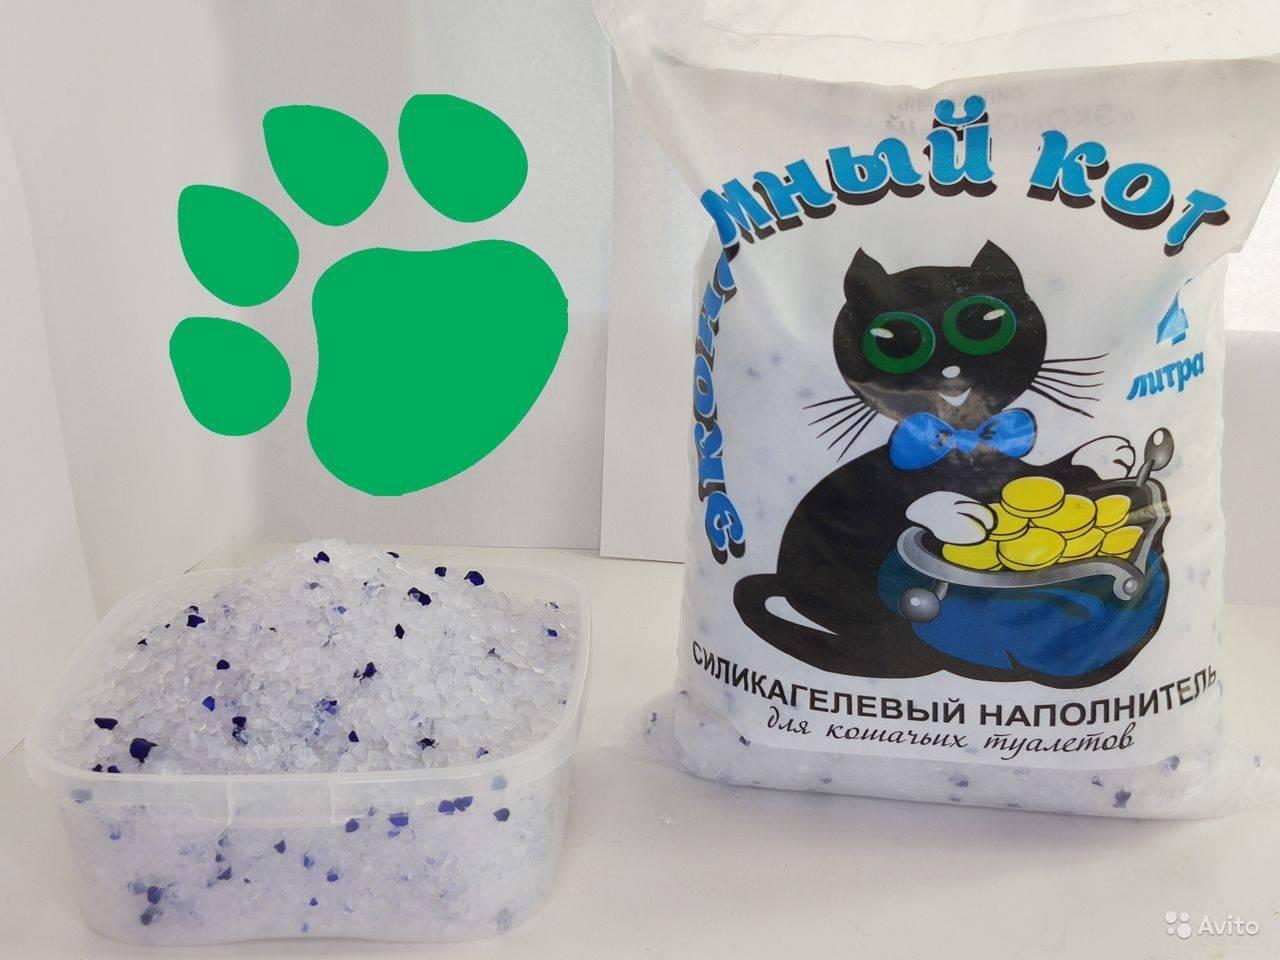 Наполнителей для кошачьего туалета: виды, состав, плюсы и минусы, обзор производителей